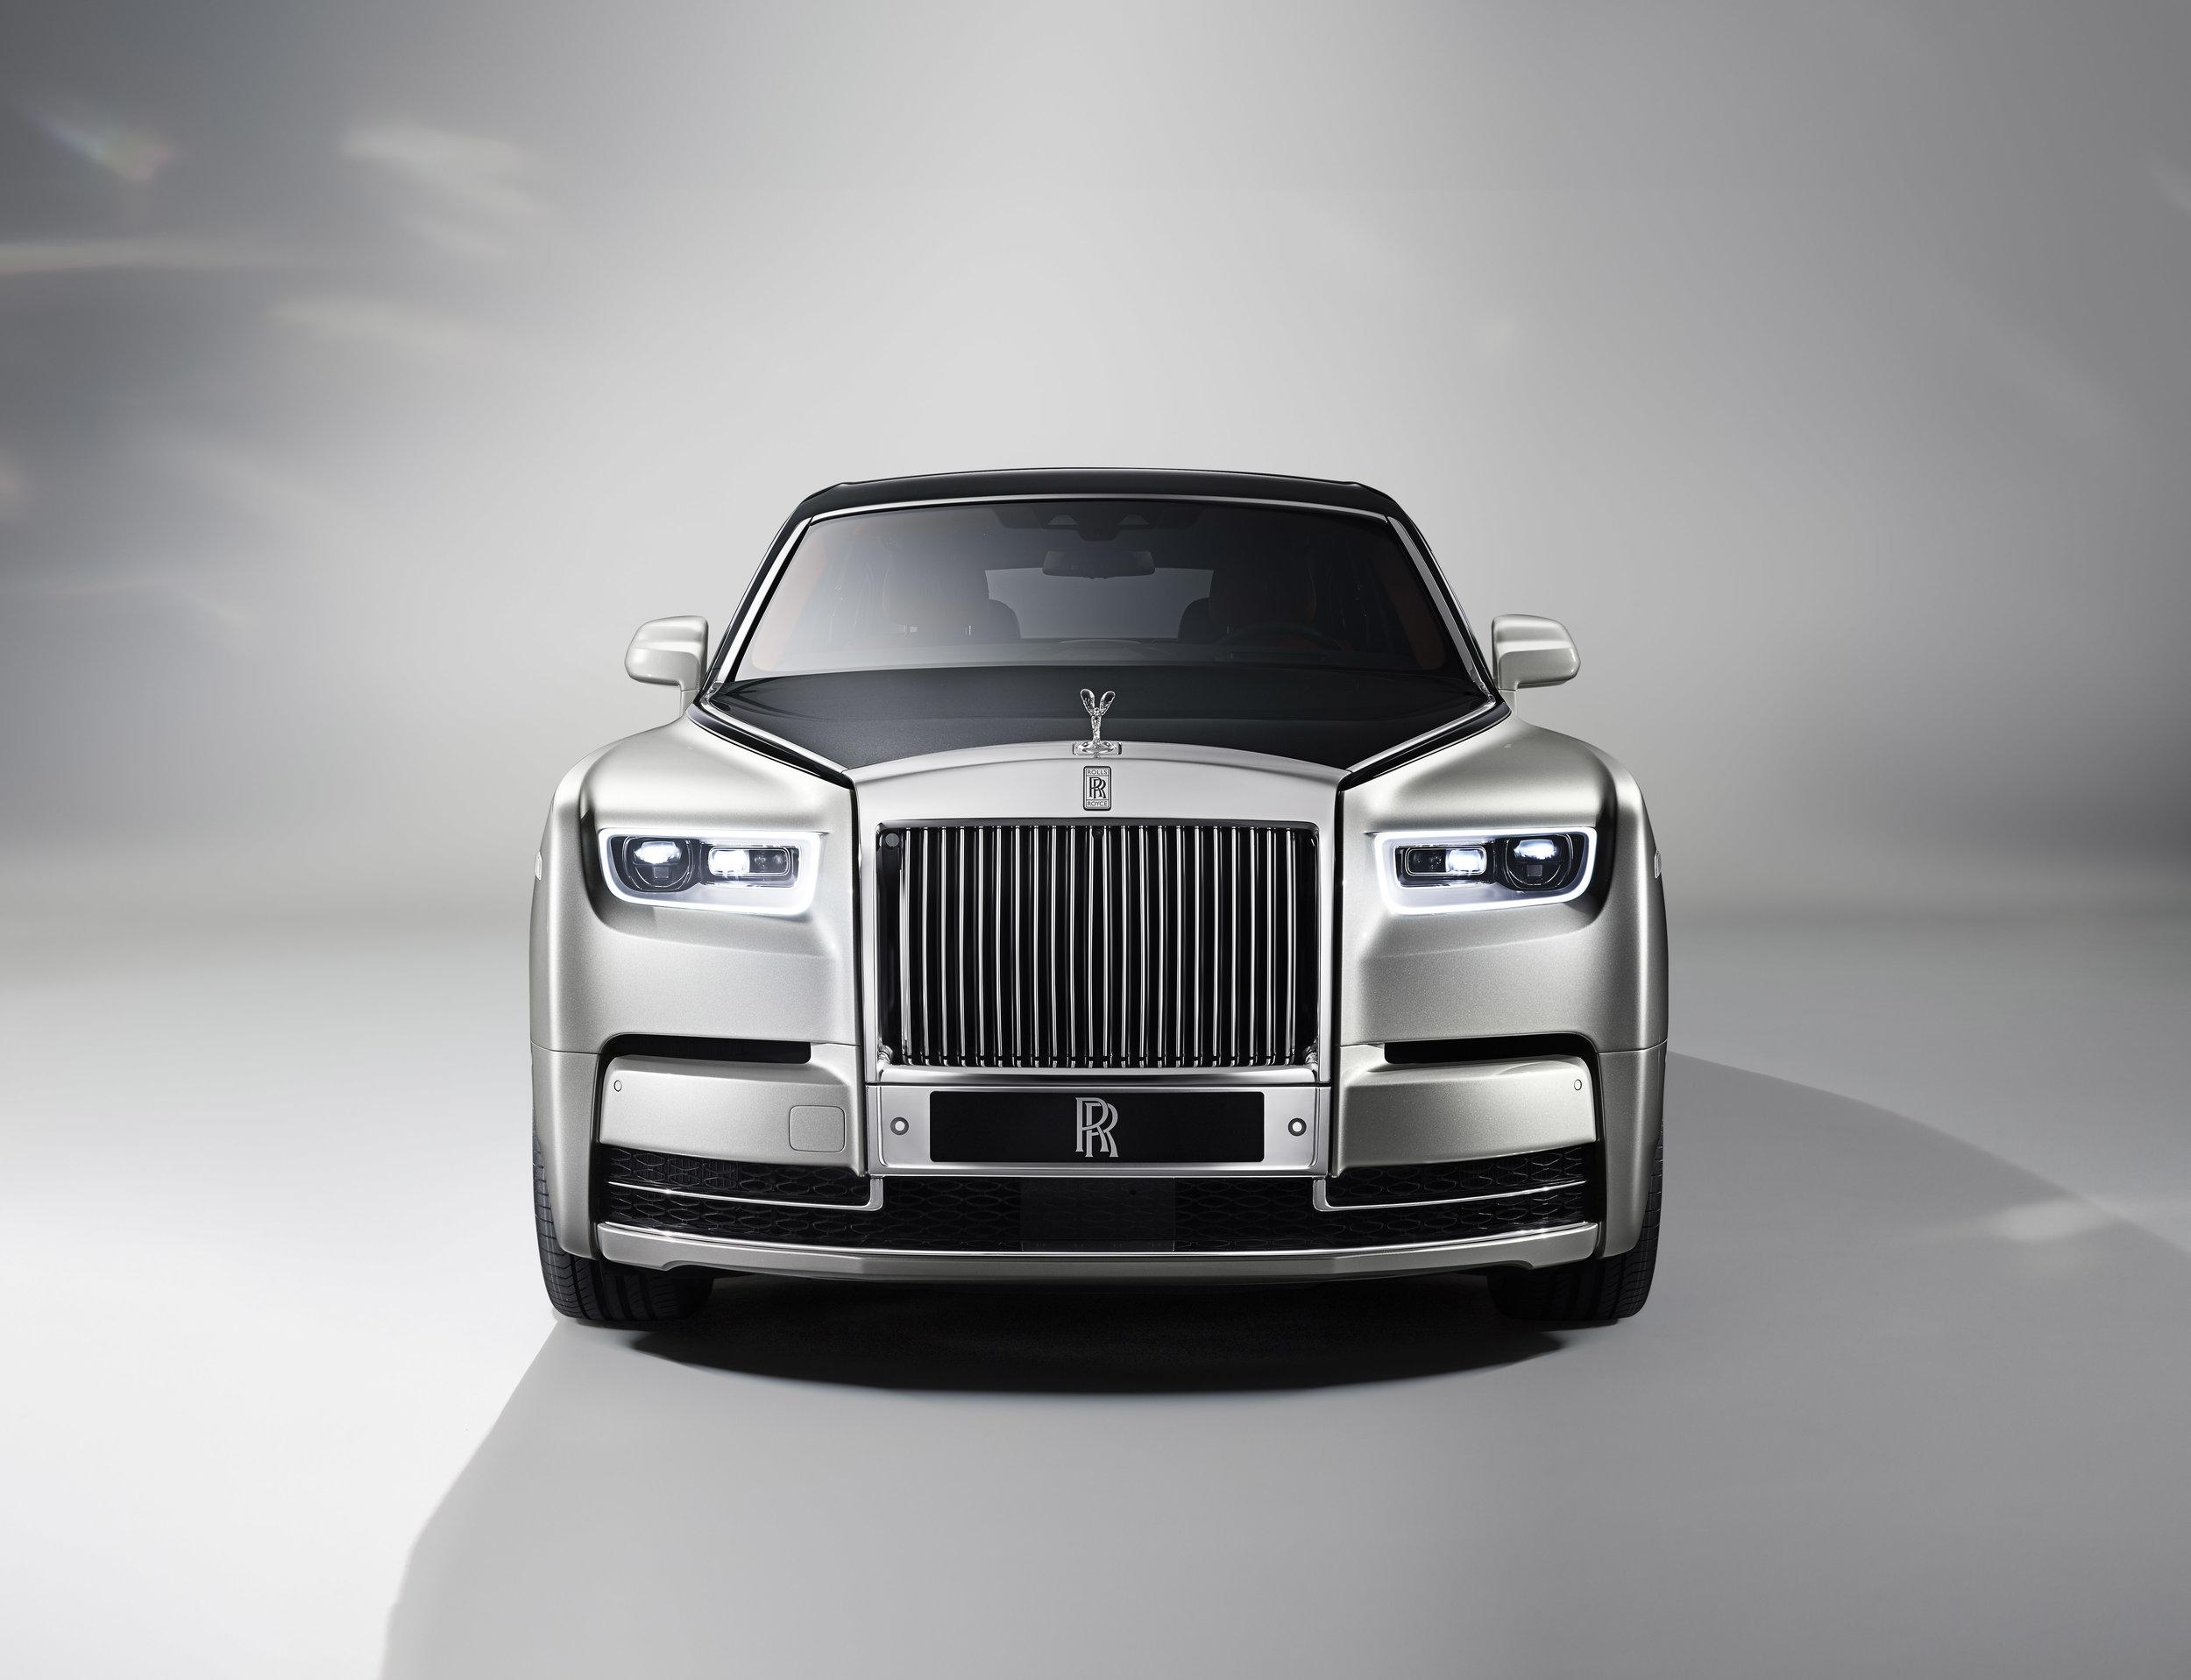 Nigel harniman - Rolls Royce